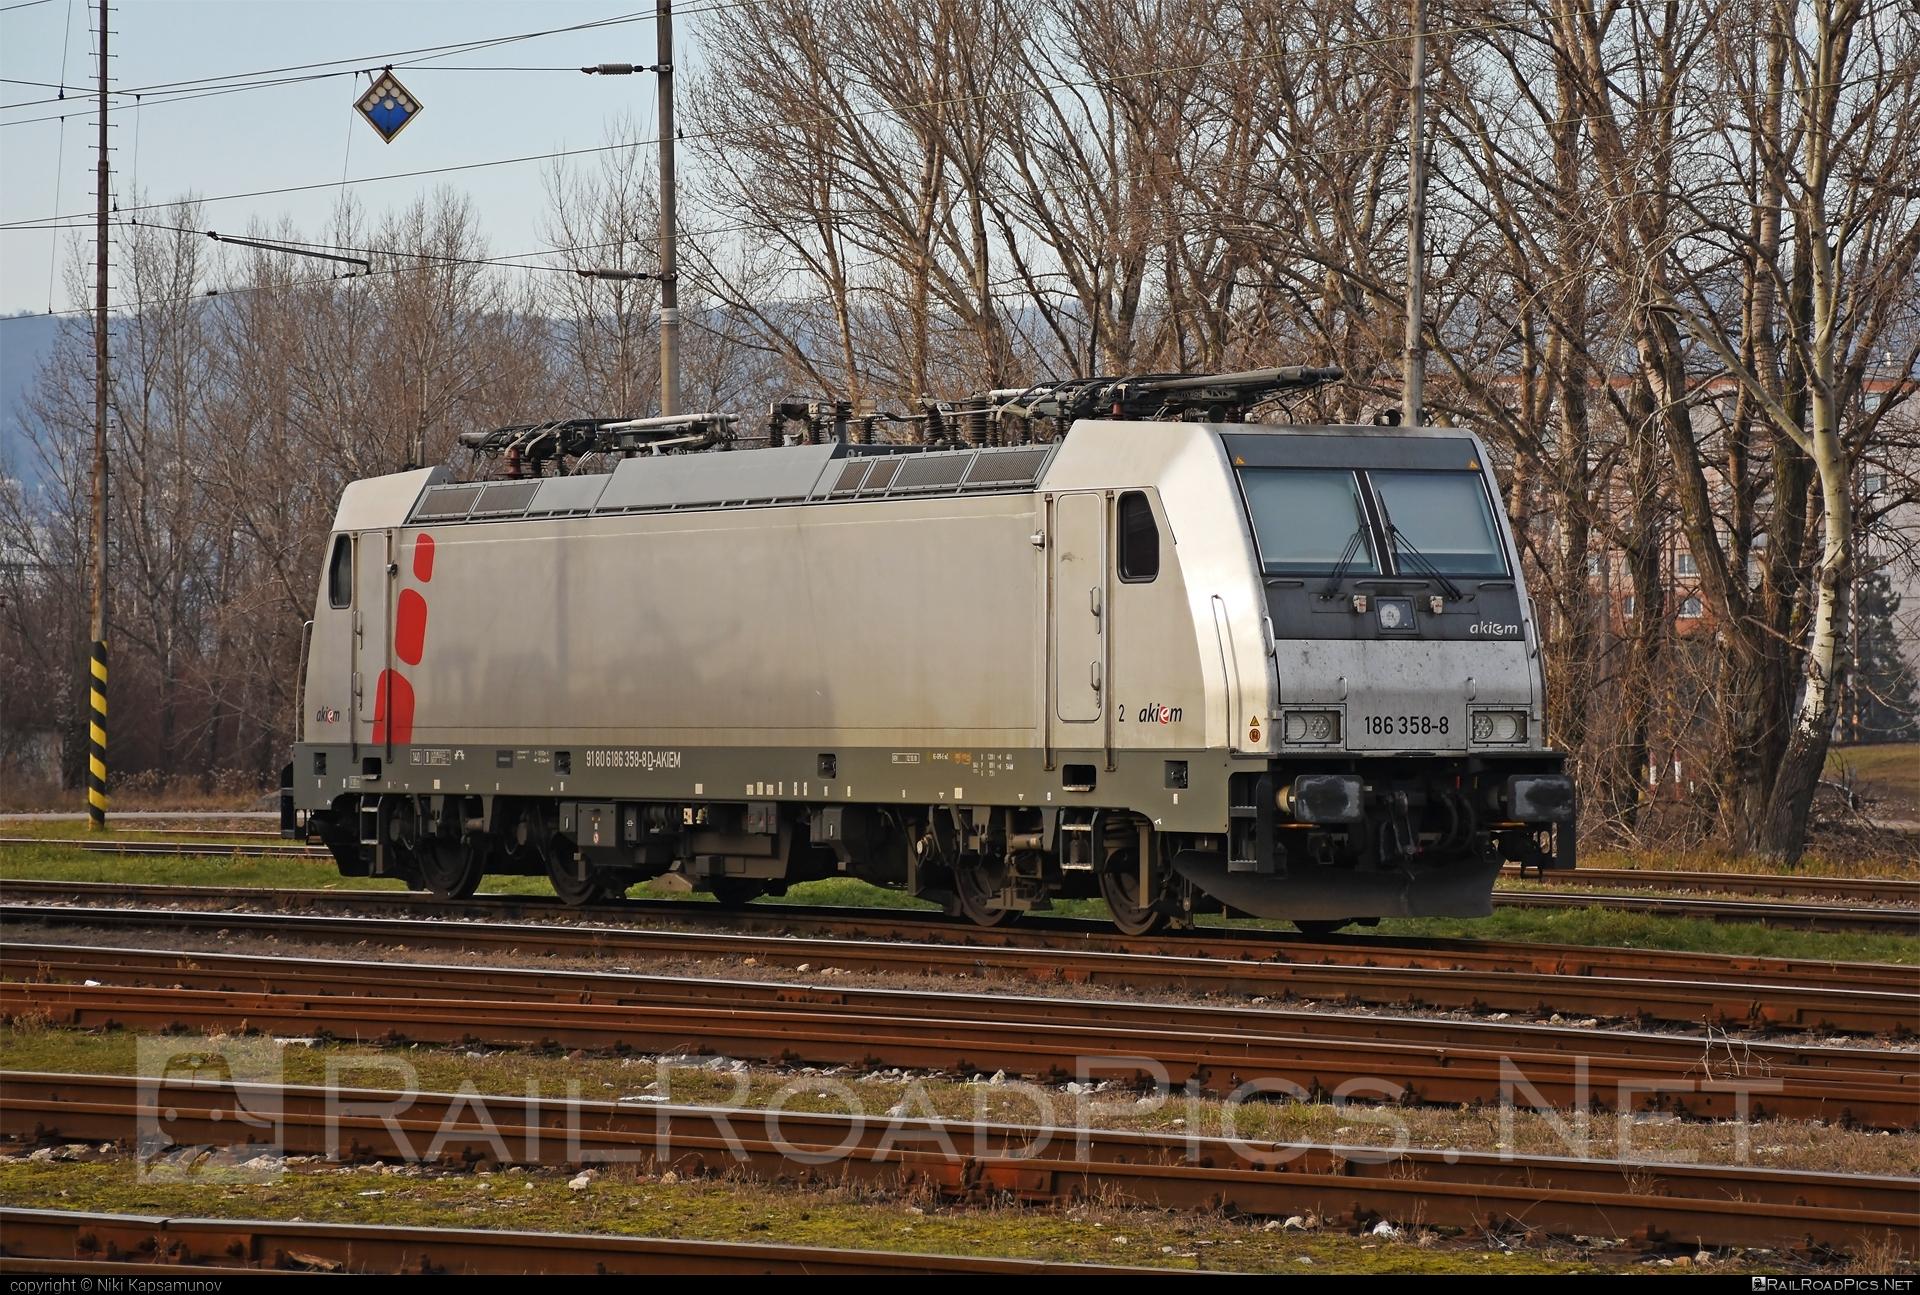 Bombardier TRAXX F140 MS - 186 358-8 operated by Prvá Slovenská železničná, a.s. #akiem #akiemsas #bombardier #bombardiertraxx #prvaslovenskazeleznicna #prvaslovenskazeleznicnaas #psz #traxx #traxxf140 #traxxf140ms